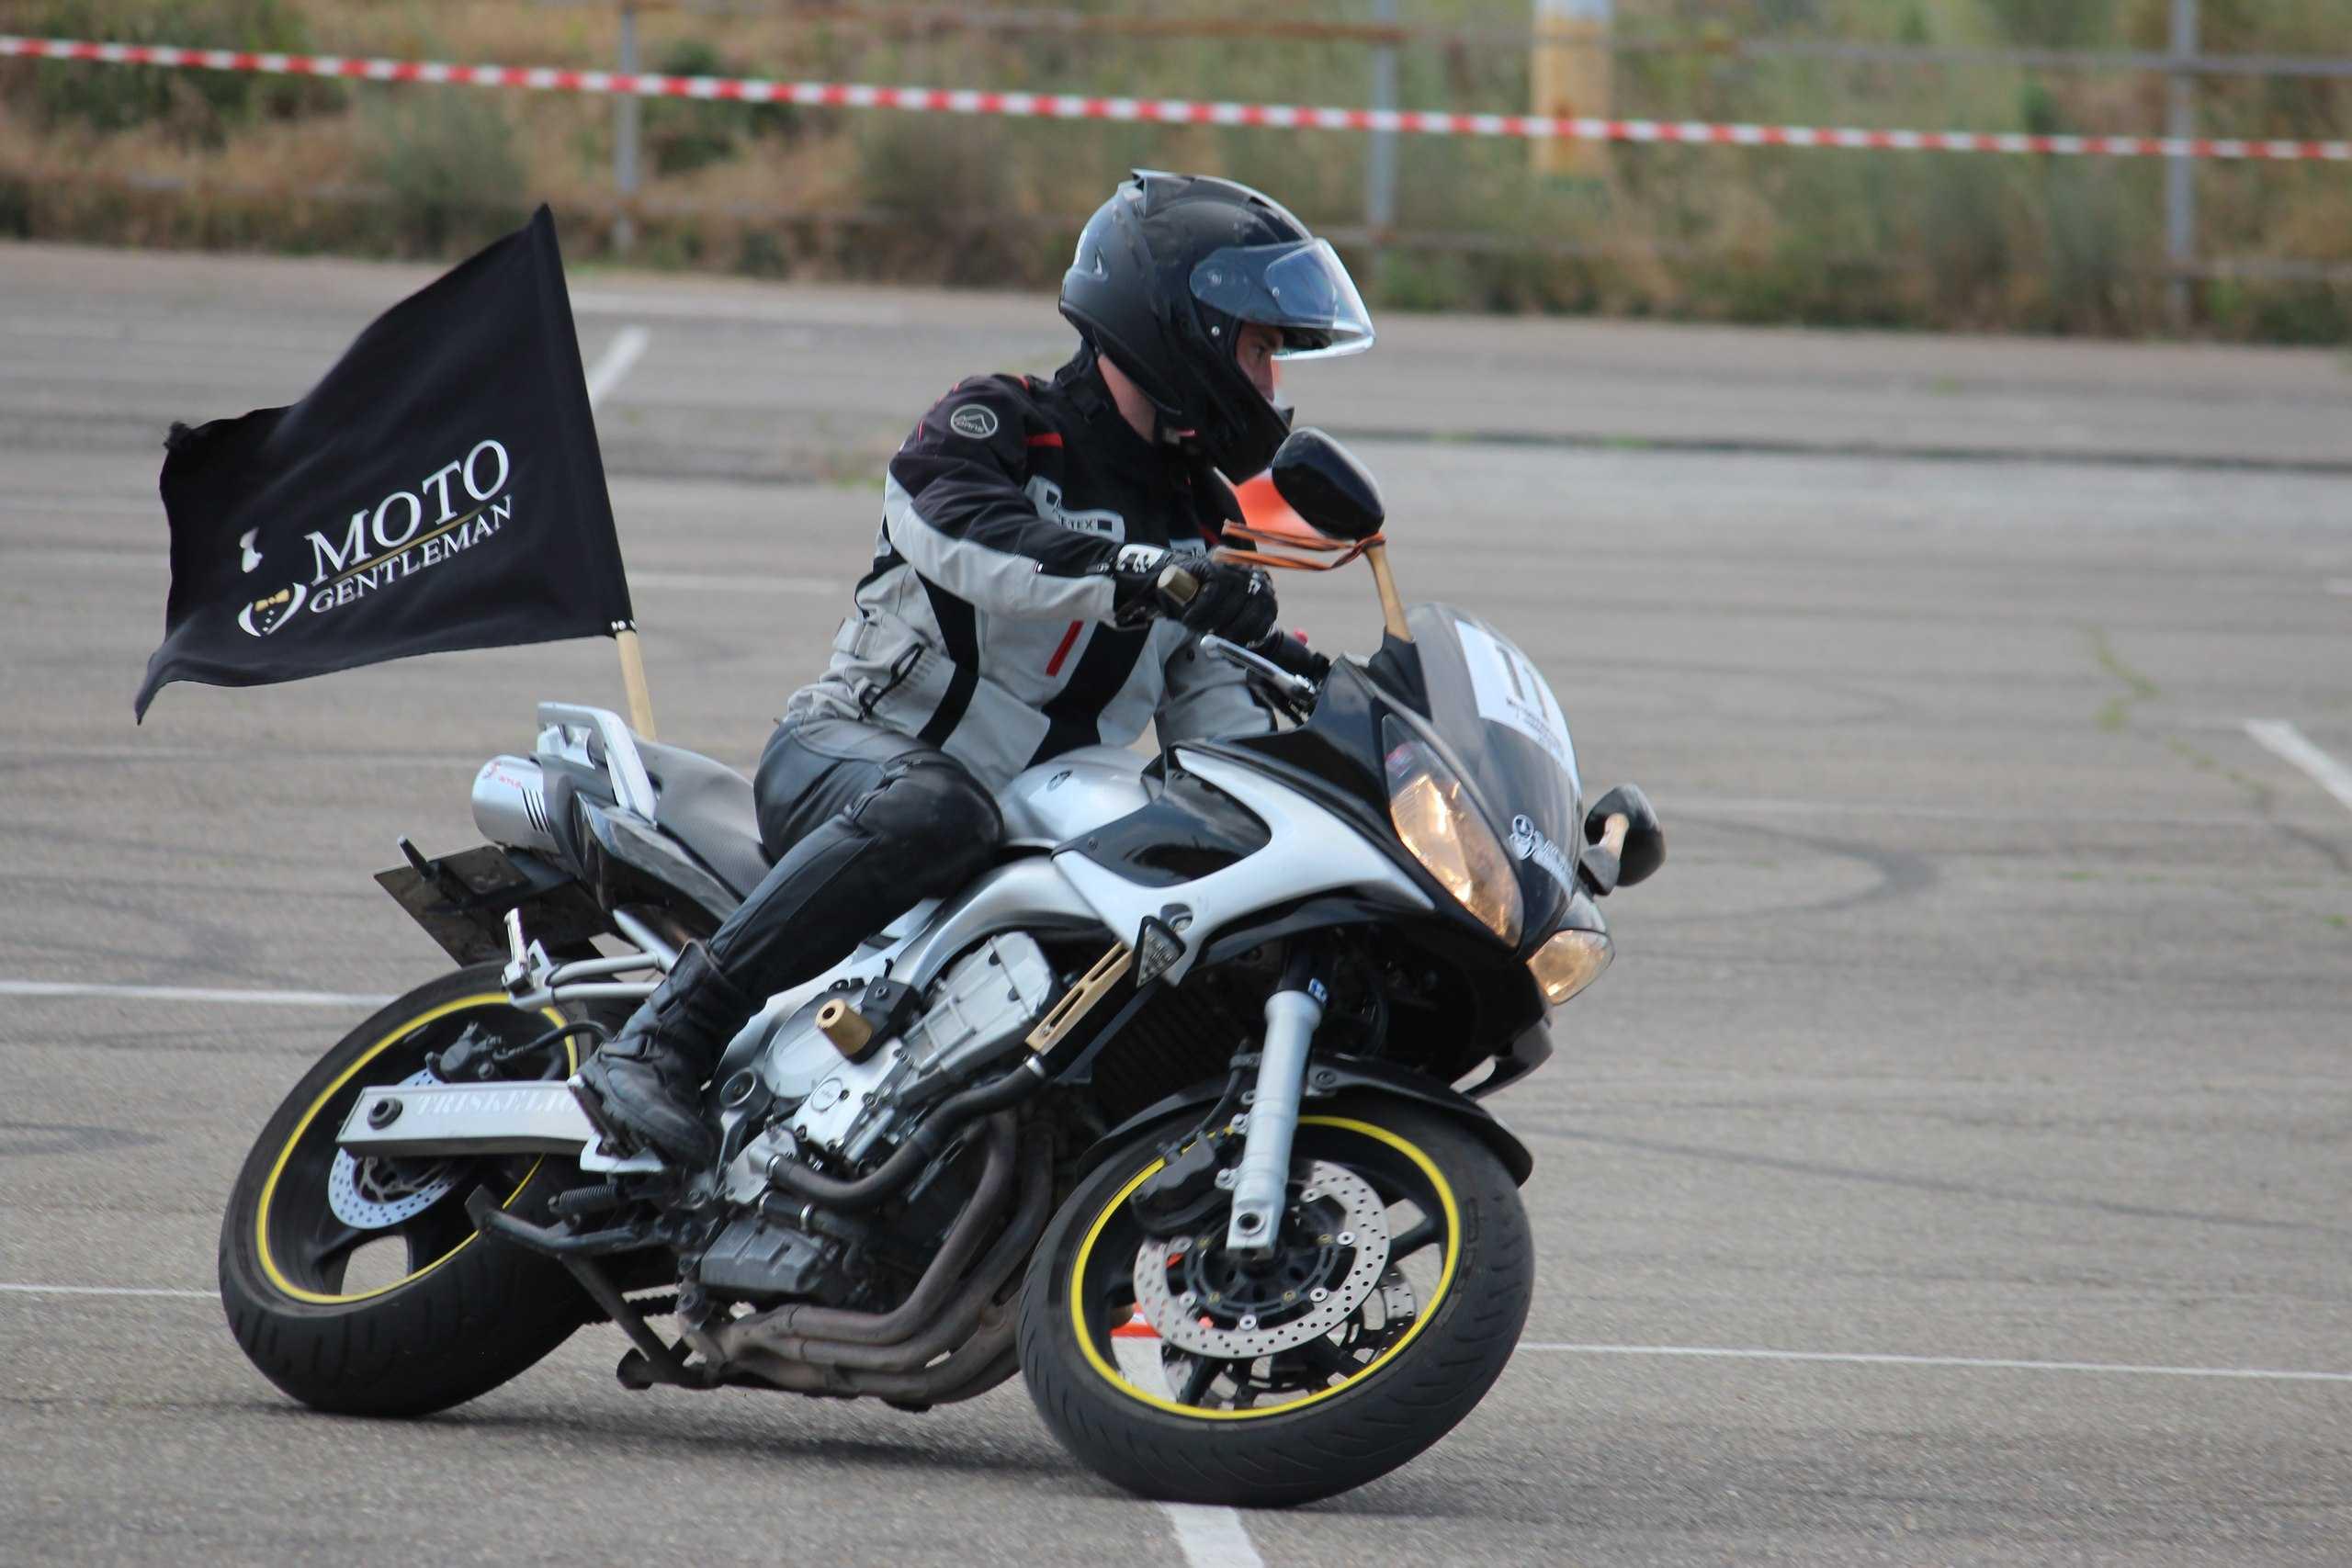 Какой мотоцикл лучше купить для новичка: какие бывают мотоциклы и как выбрать новичку